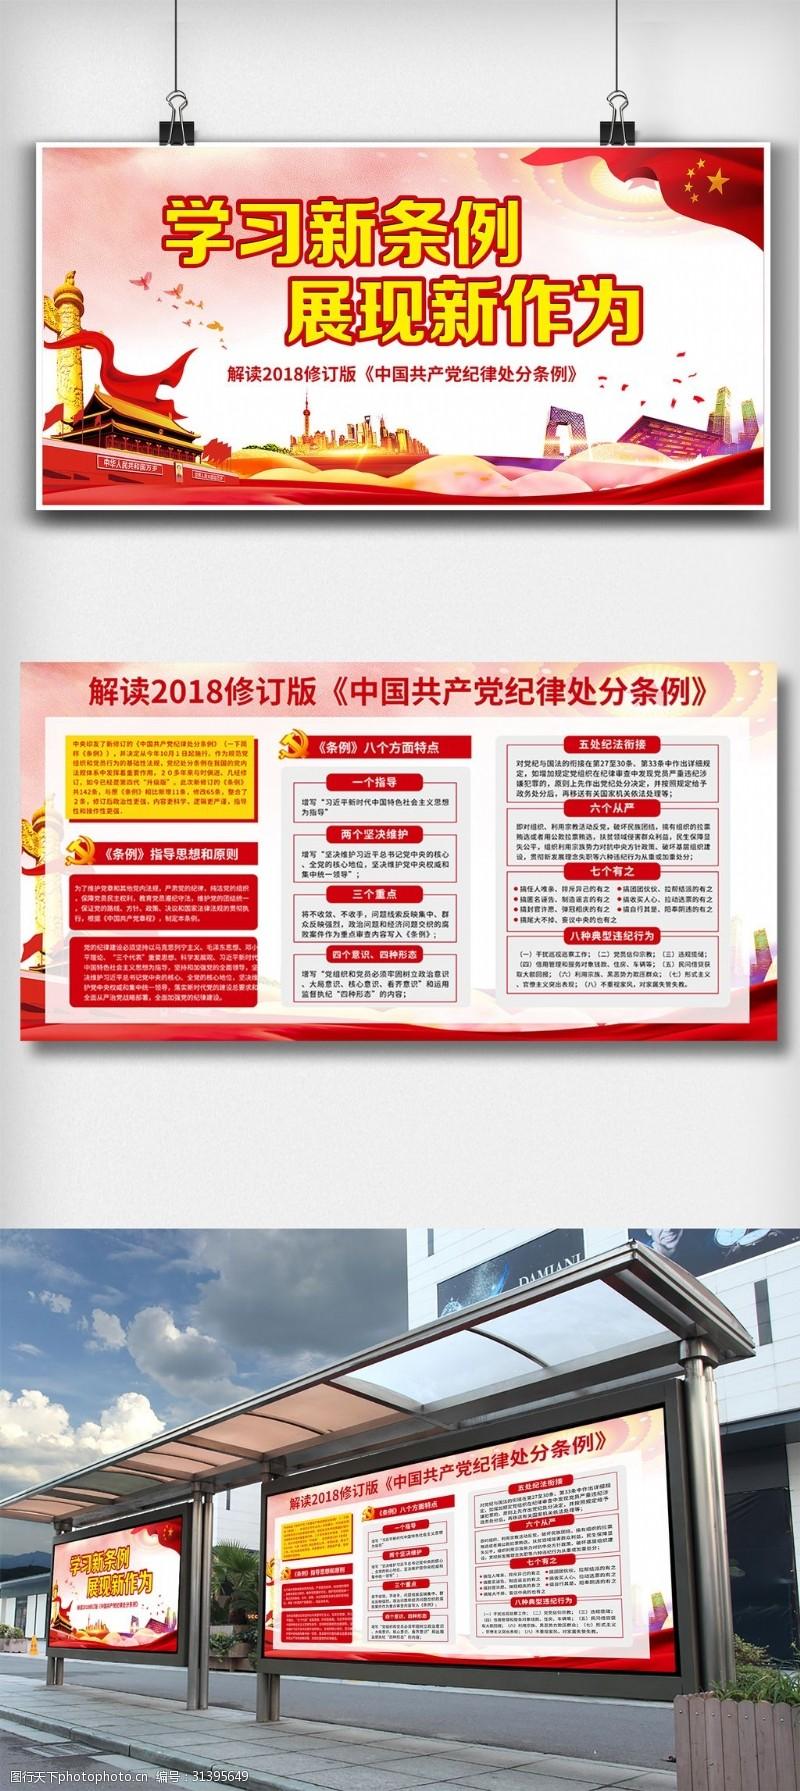 新条例双面展板认真学习贯彻中国共产党纪律处分条例展板